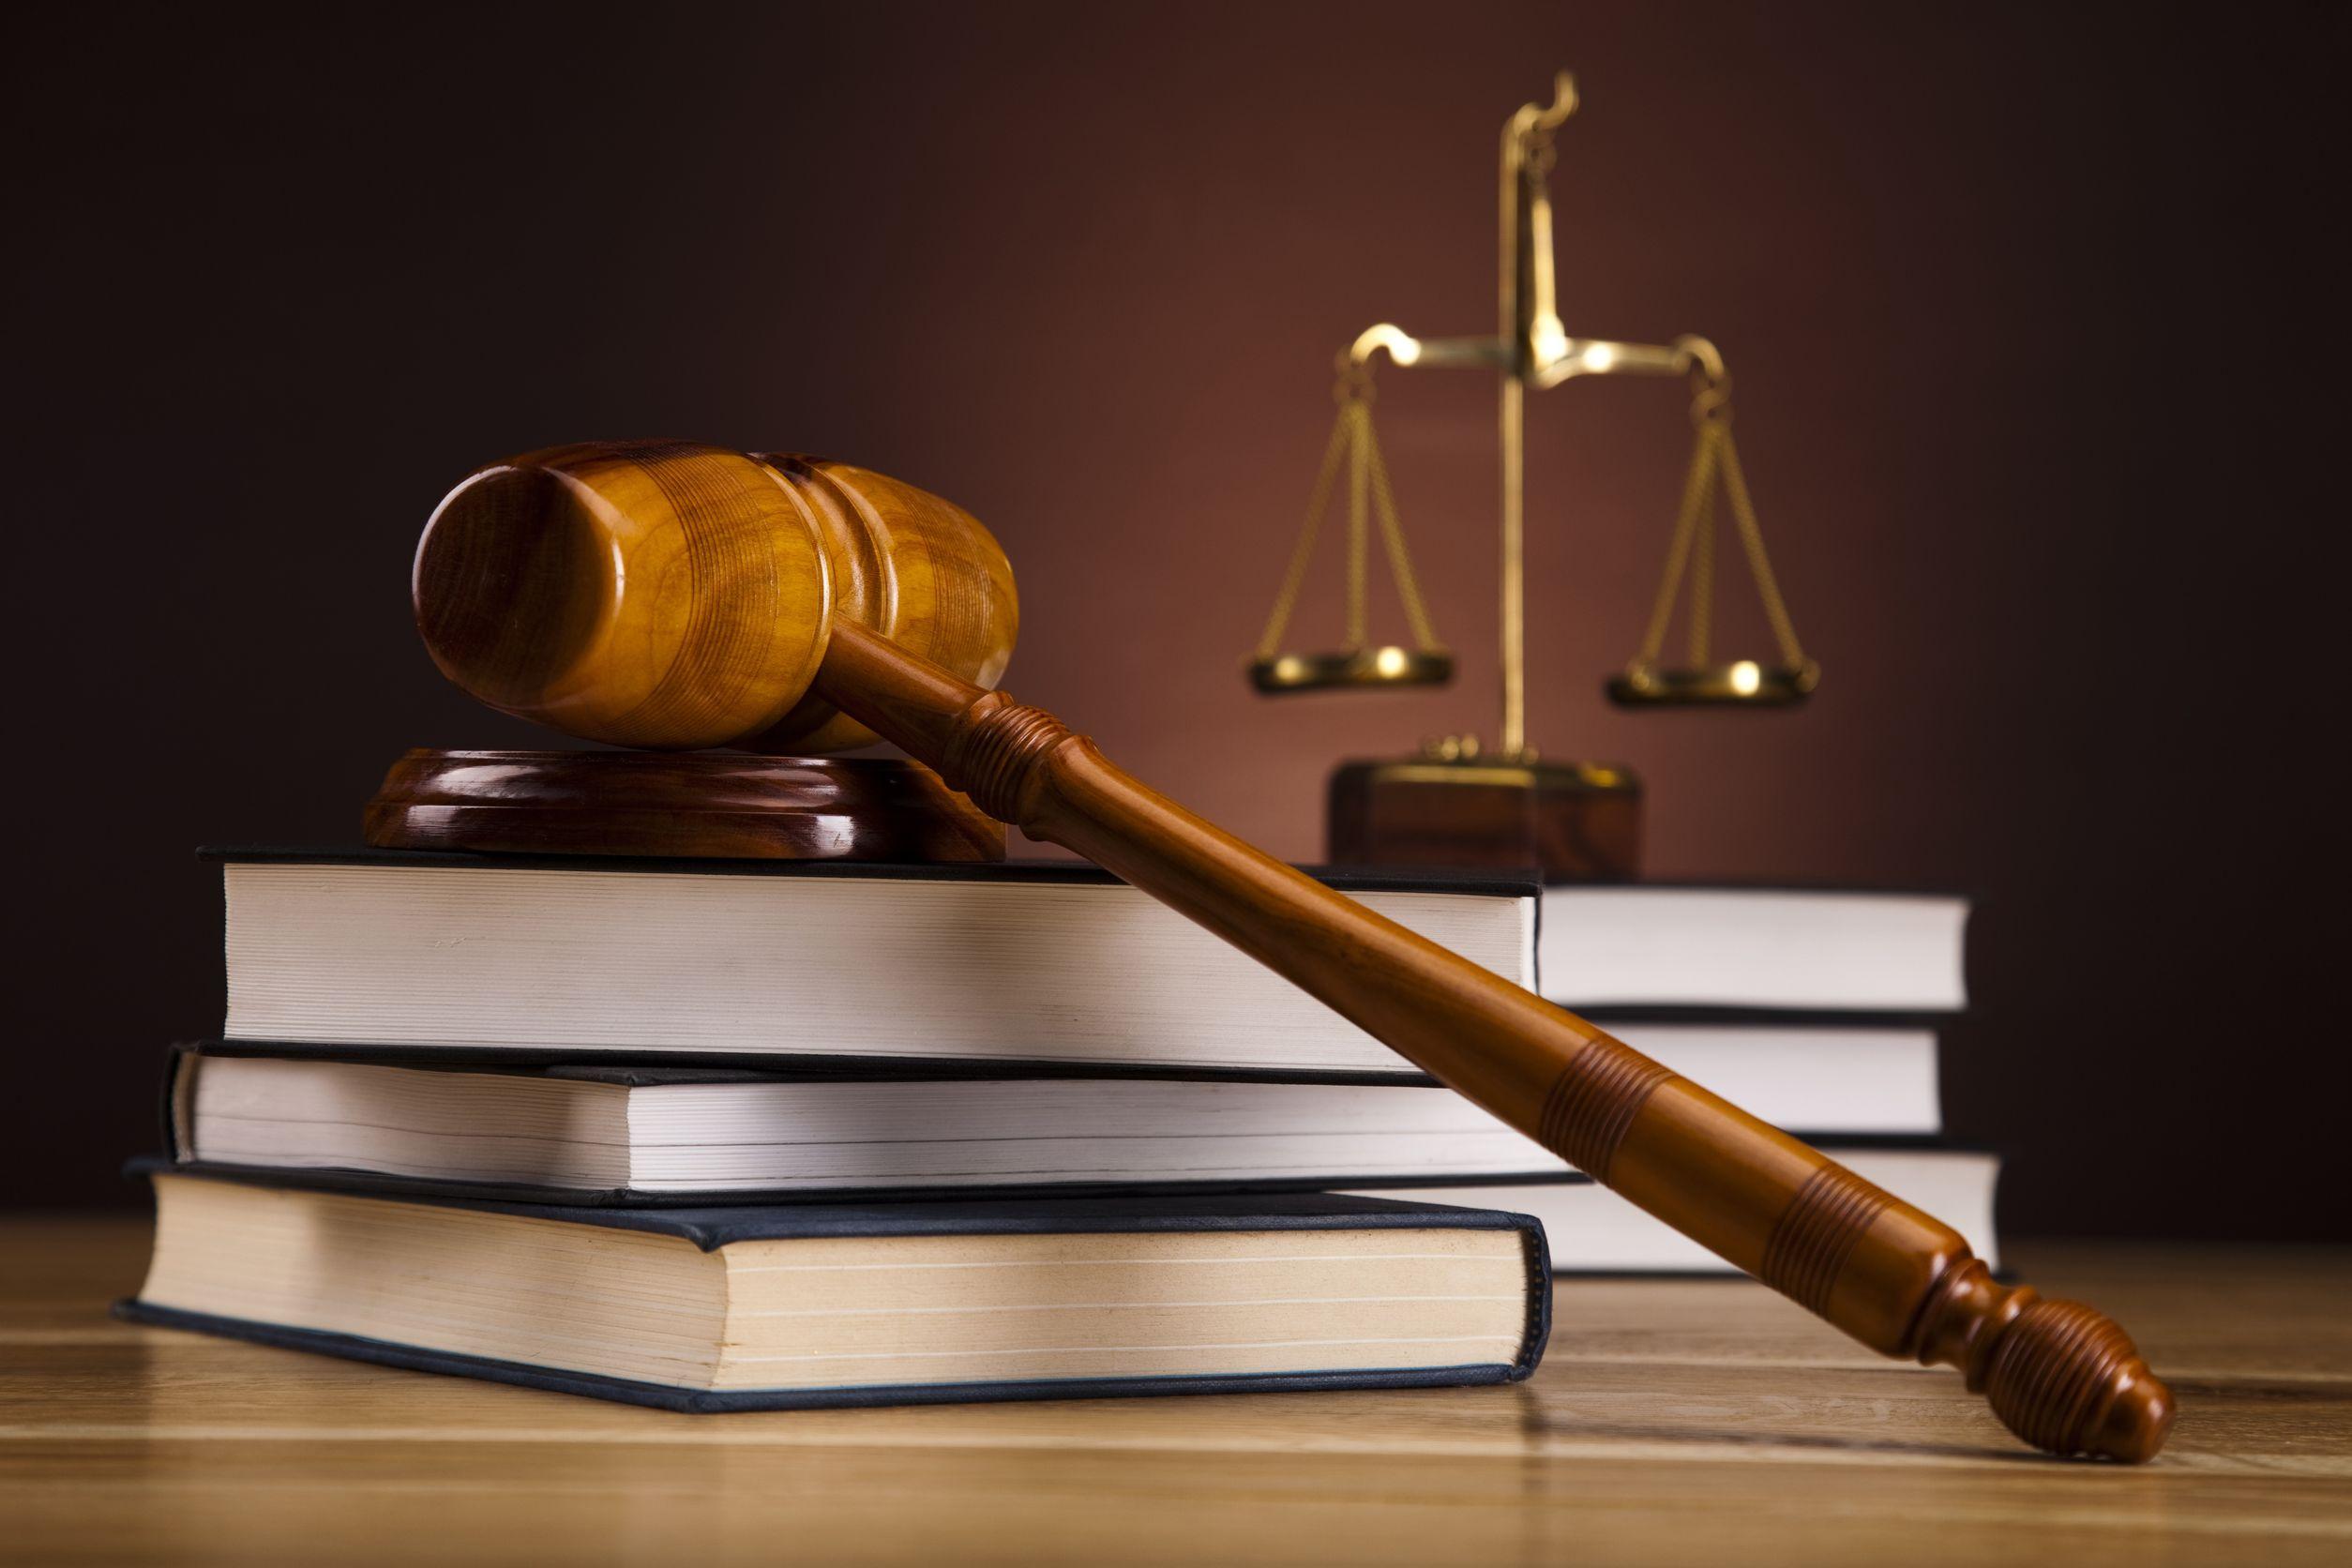 Βασίλης Φαϊτάς: Υπόθεση όλων των δικαστών η πορεία του δικαστικού συνδικαλισμού